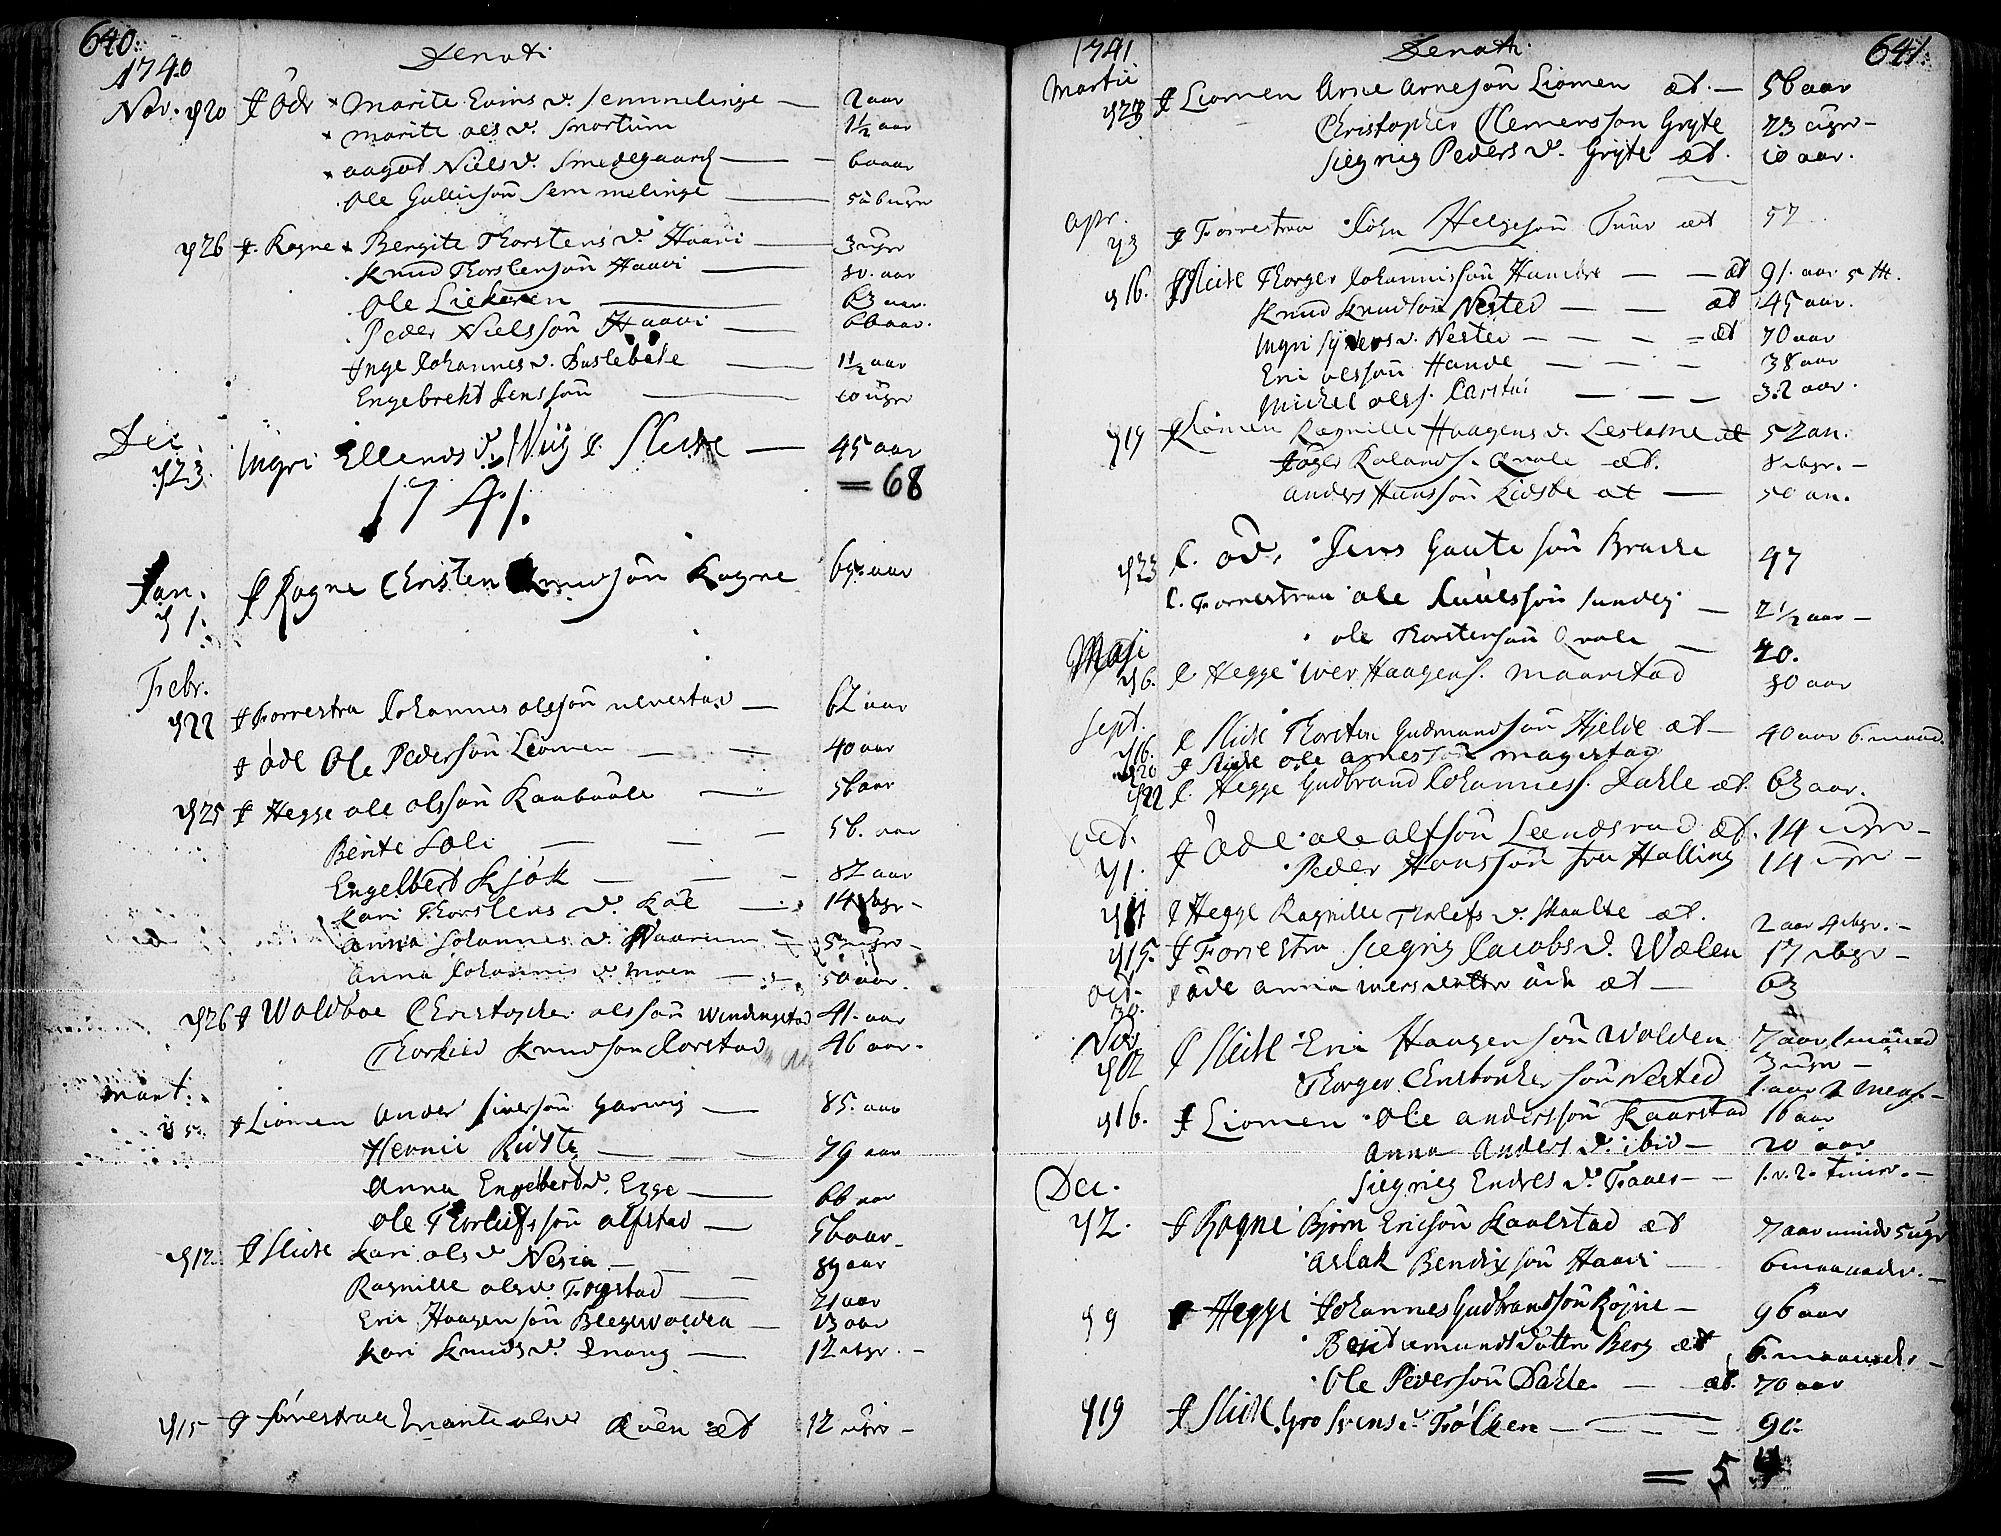 SAH, Slidre prestekontor, Ministerialbok nr. 1, 1724-1814, s. 640-641